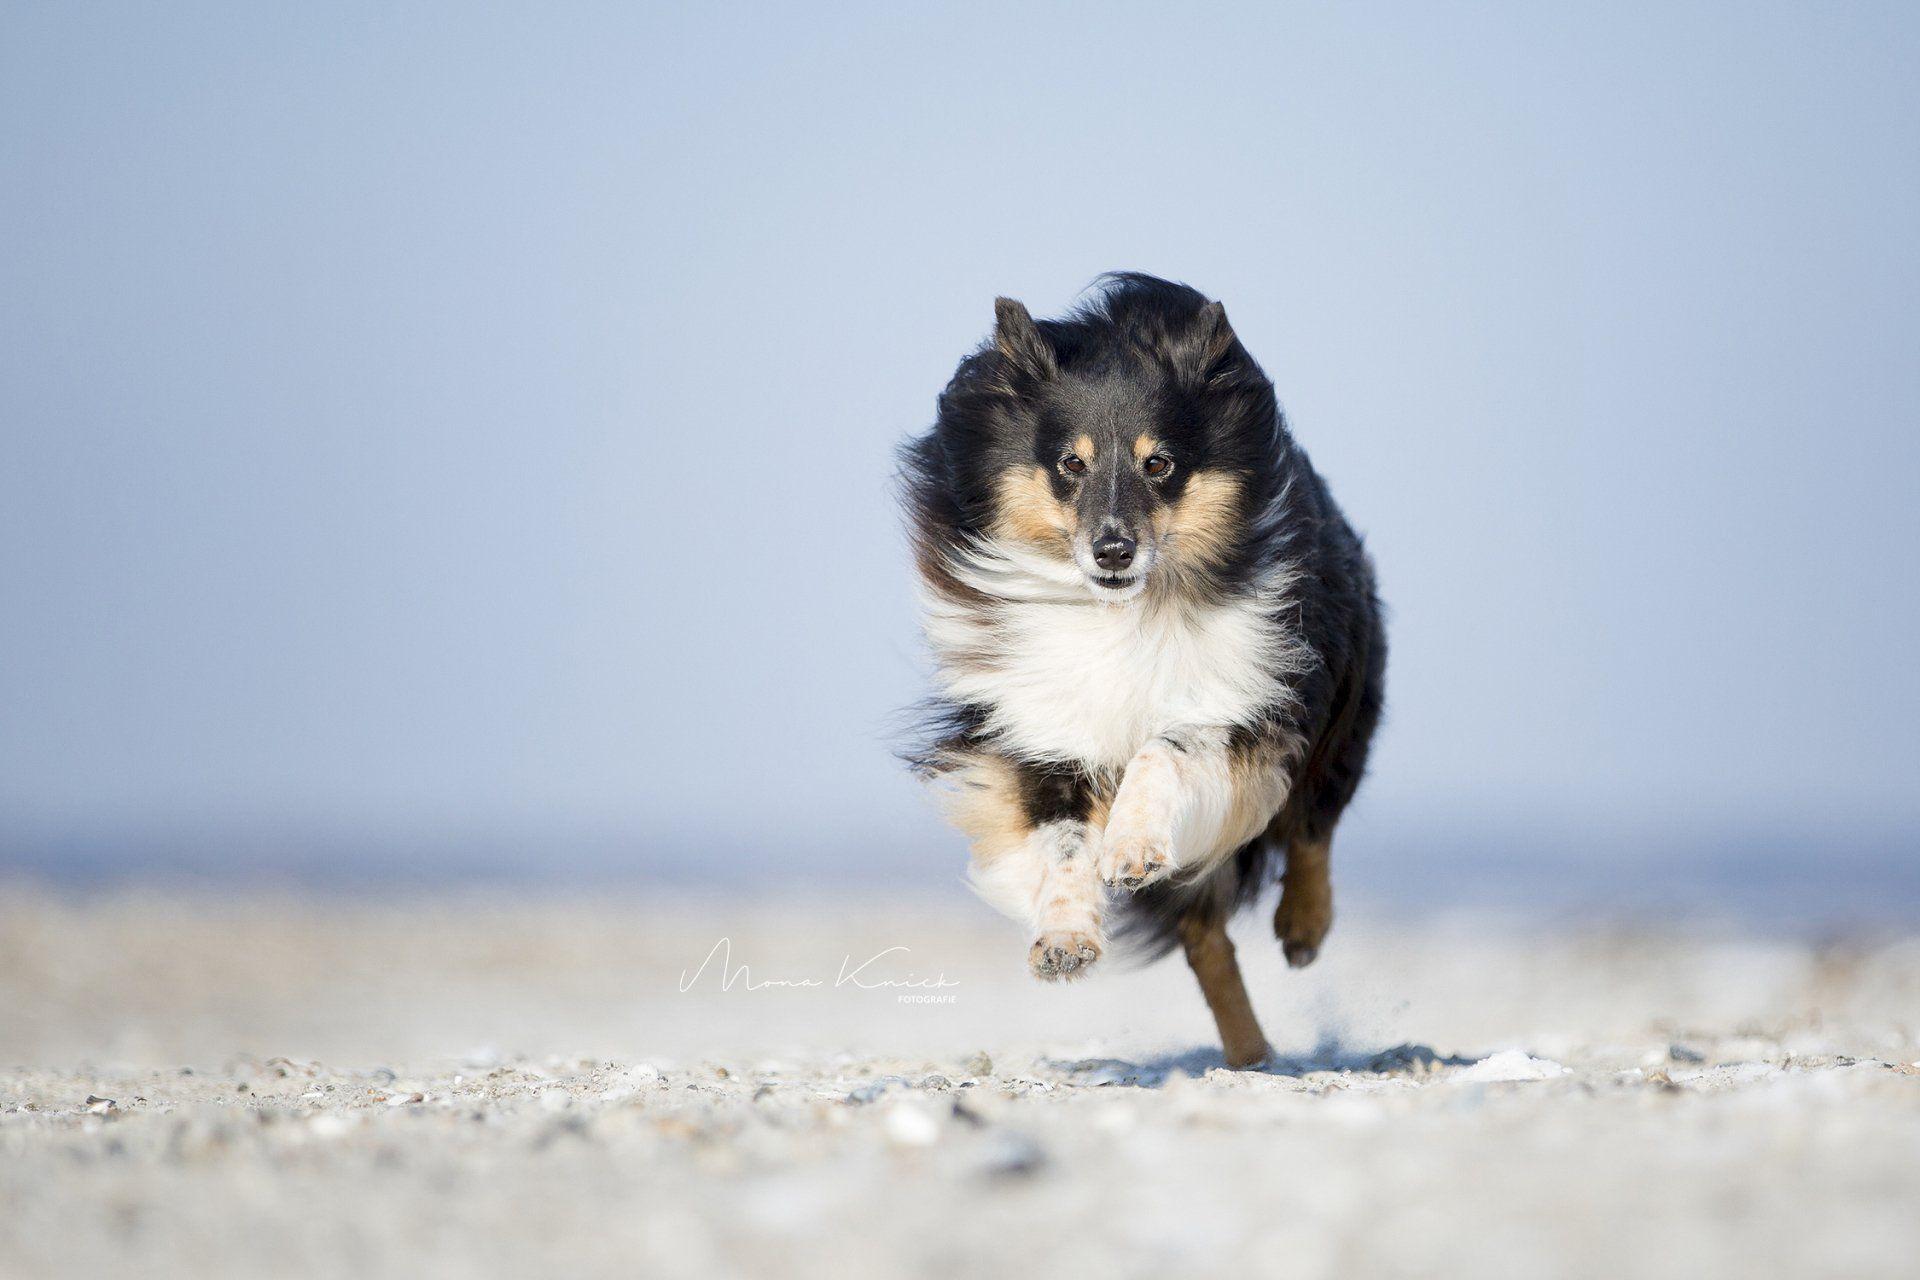 Pin Von Mona Knick Fotografie Auf Hundefotografie Mona Knick Fotografie In 2020 Tiere Hunde Fotos Hundefotos